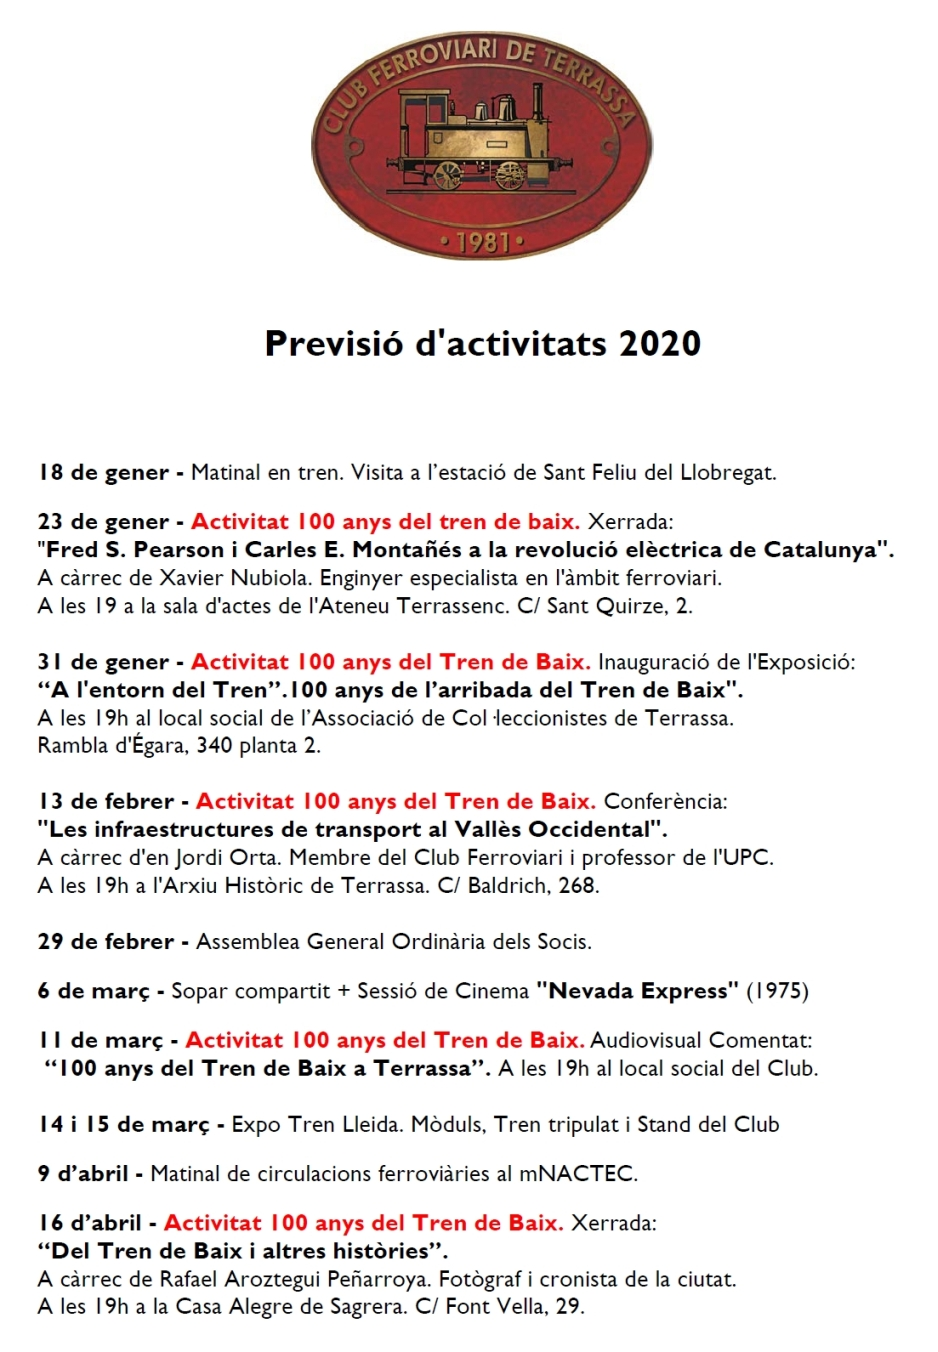 Previsió d'Activitats pel 2020. Vocalia d'Activitats. 3-FEB-2020